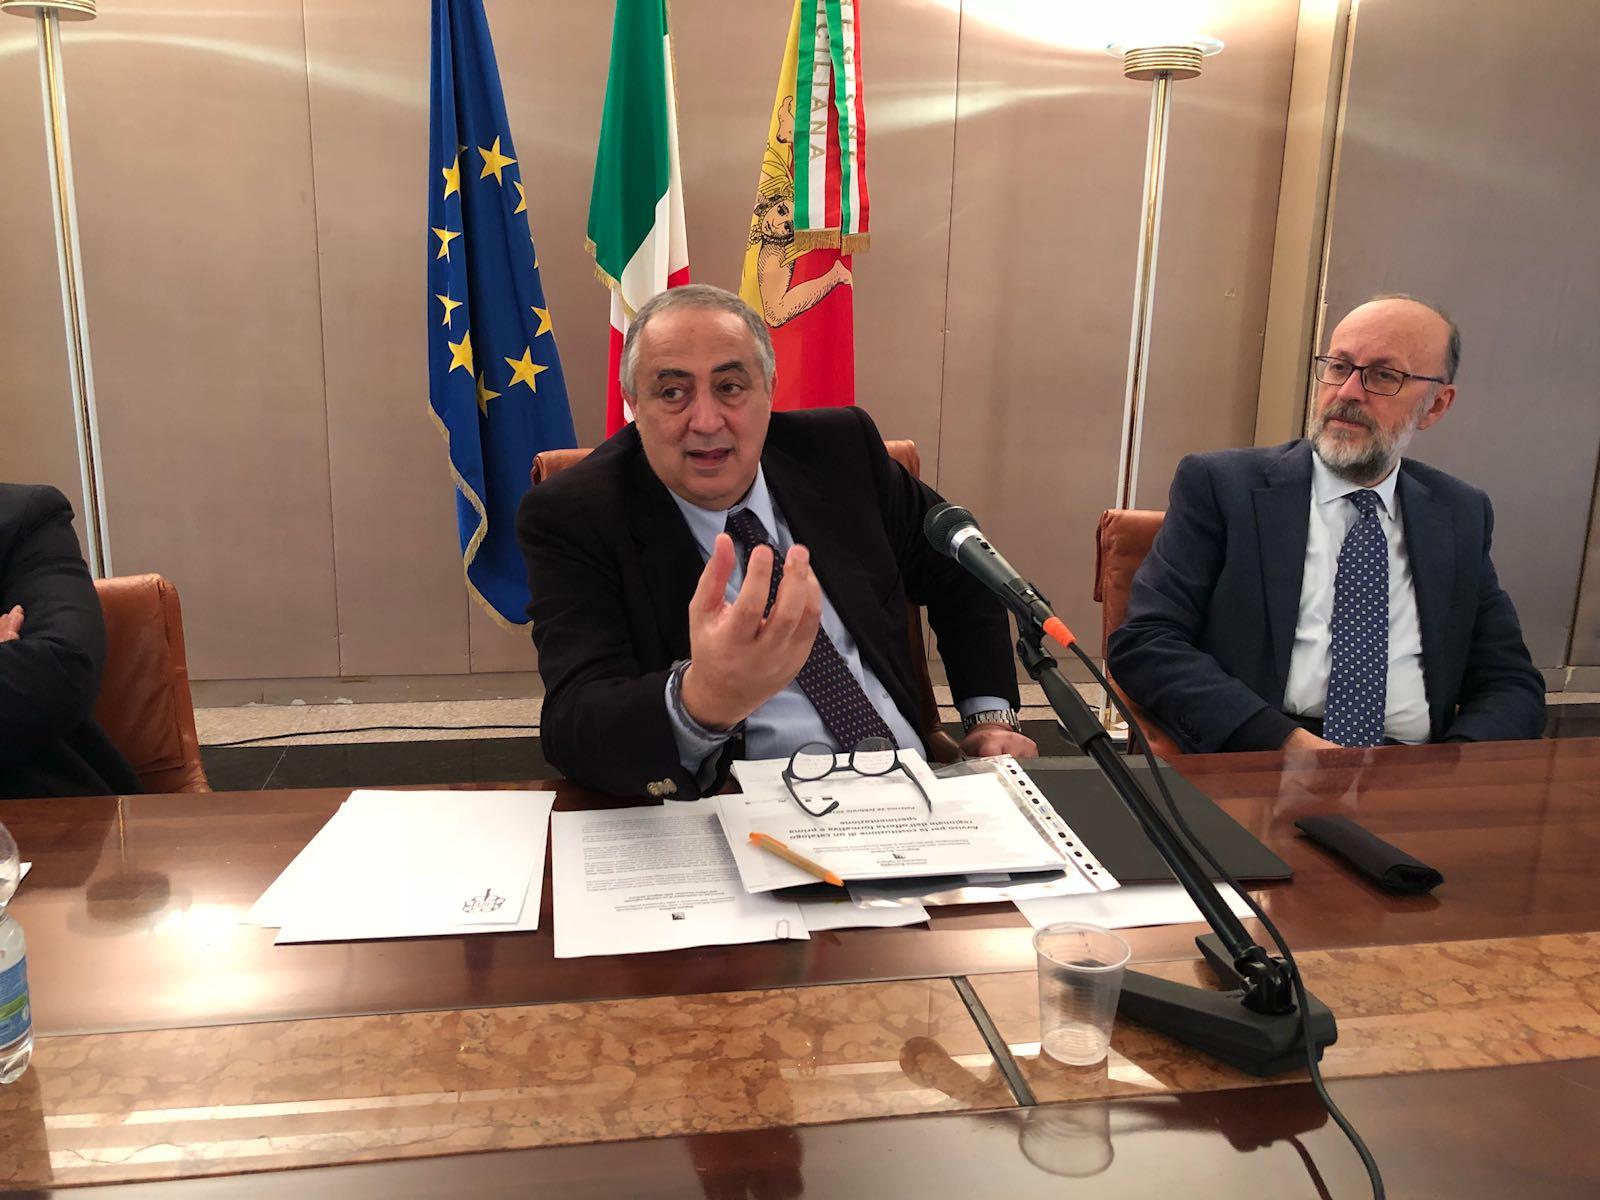 Alunni non vaccinati, in Sicilia proroga fino al 31 marzo